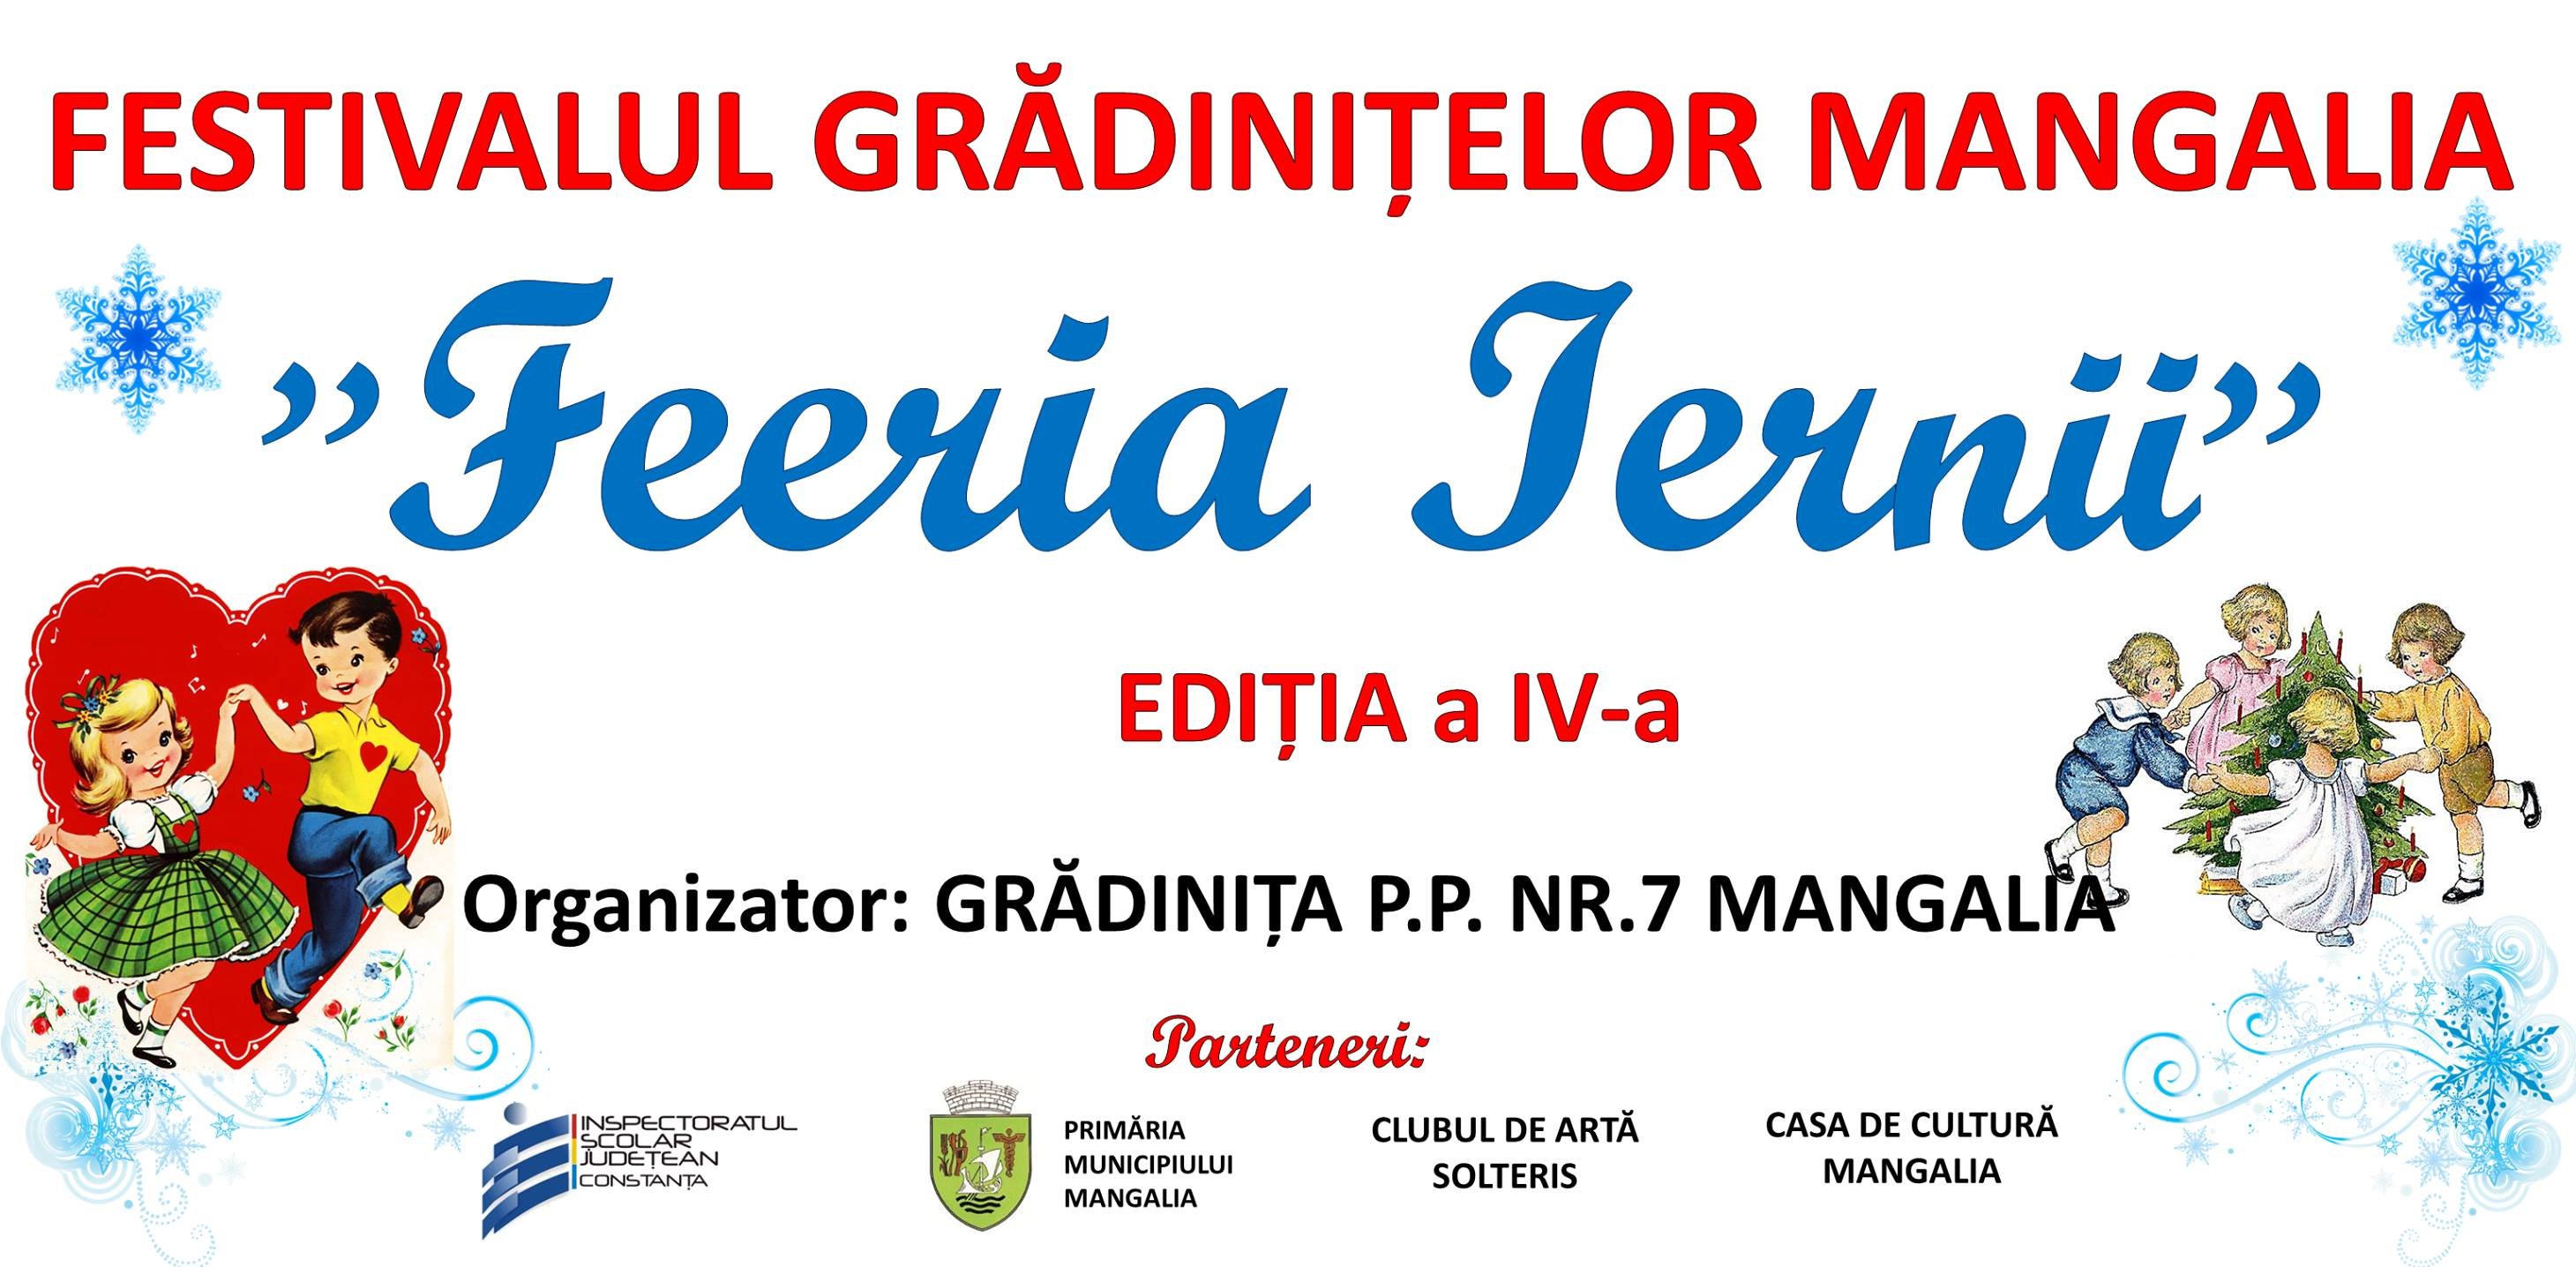 festivalul-gradinitelor-mangalia